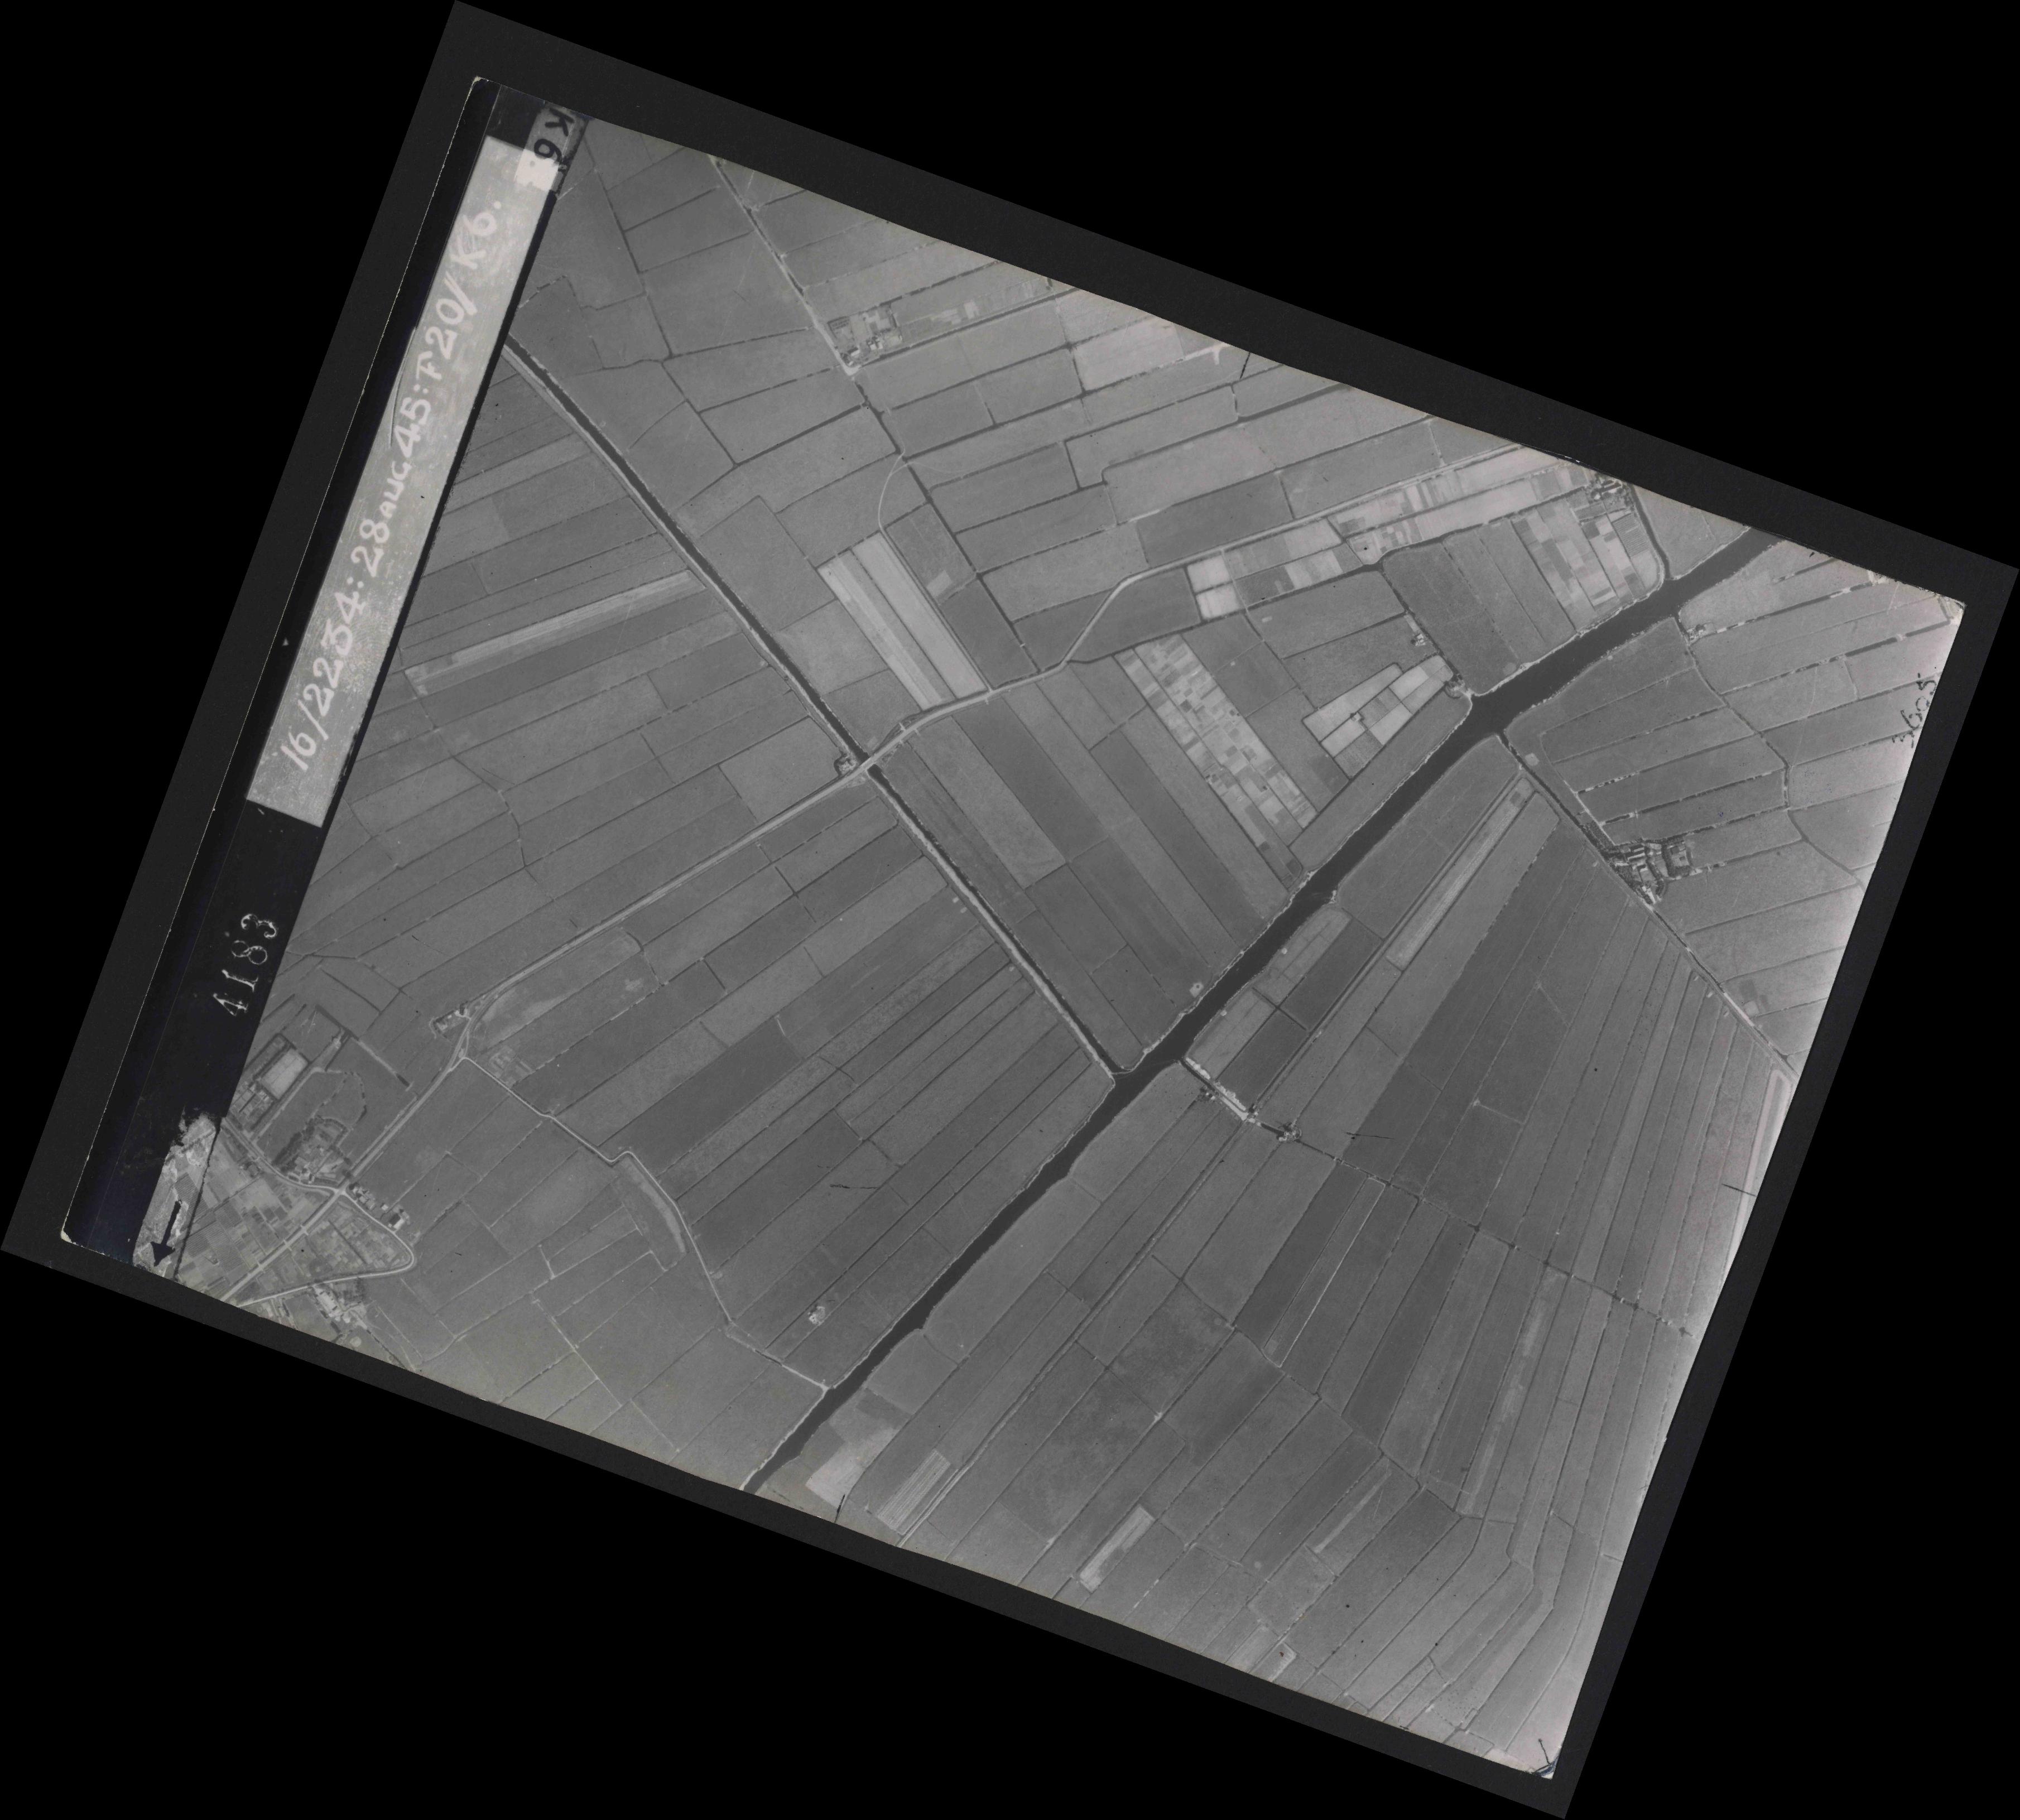 Collection RAF aerial photos 1940-1945 - flight 031, run 01, photo 4183